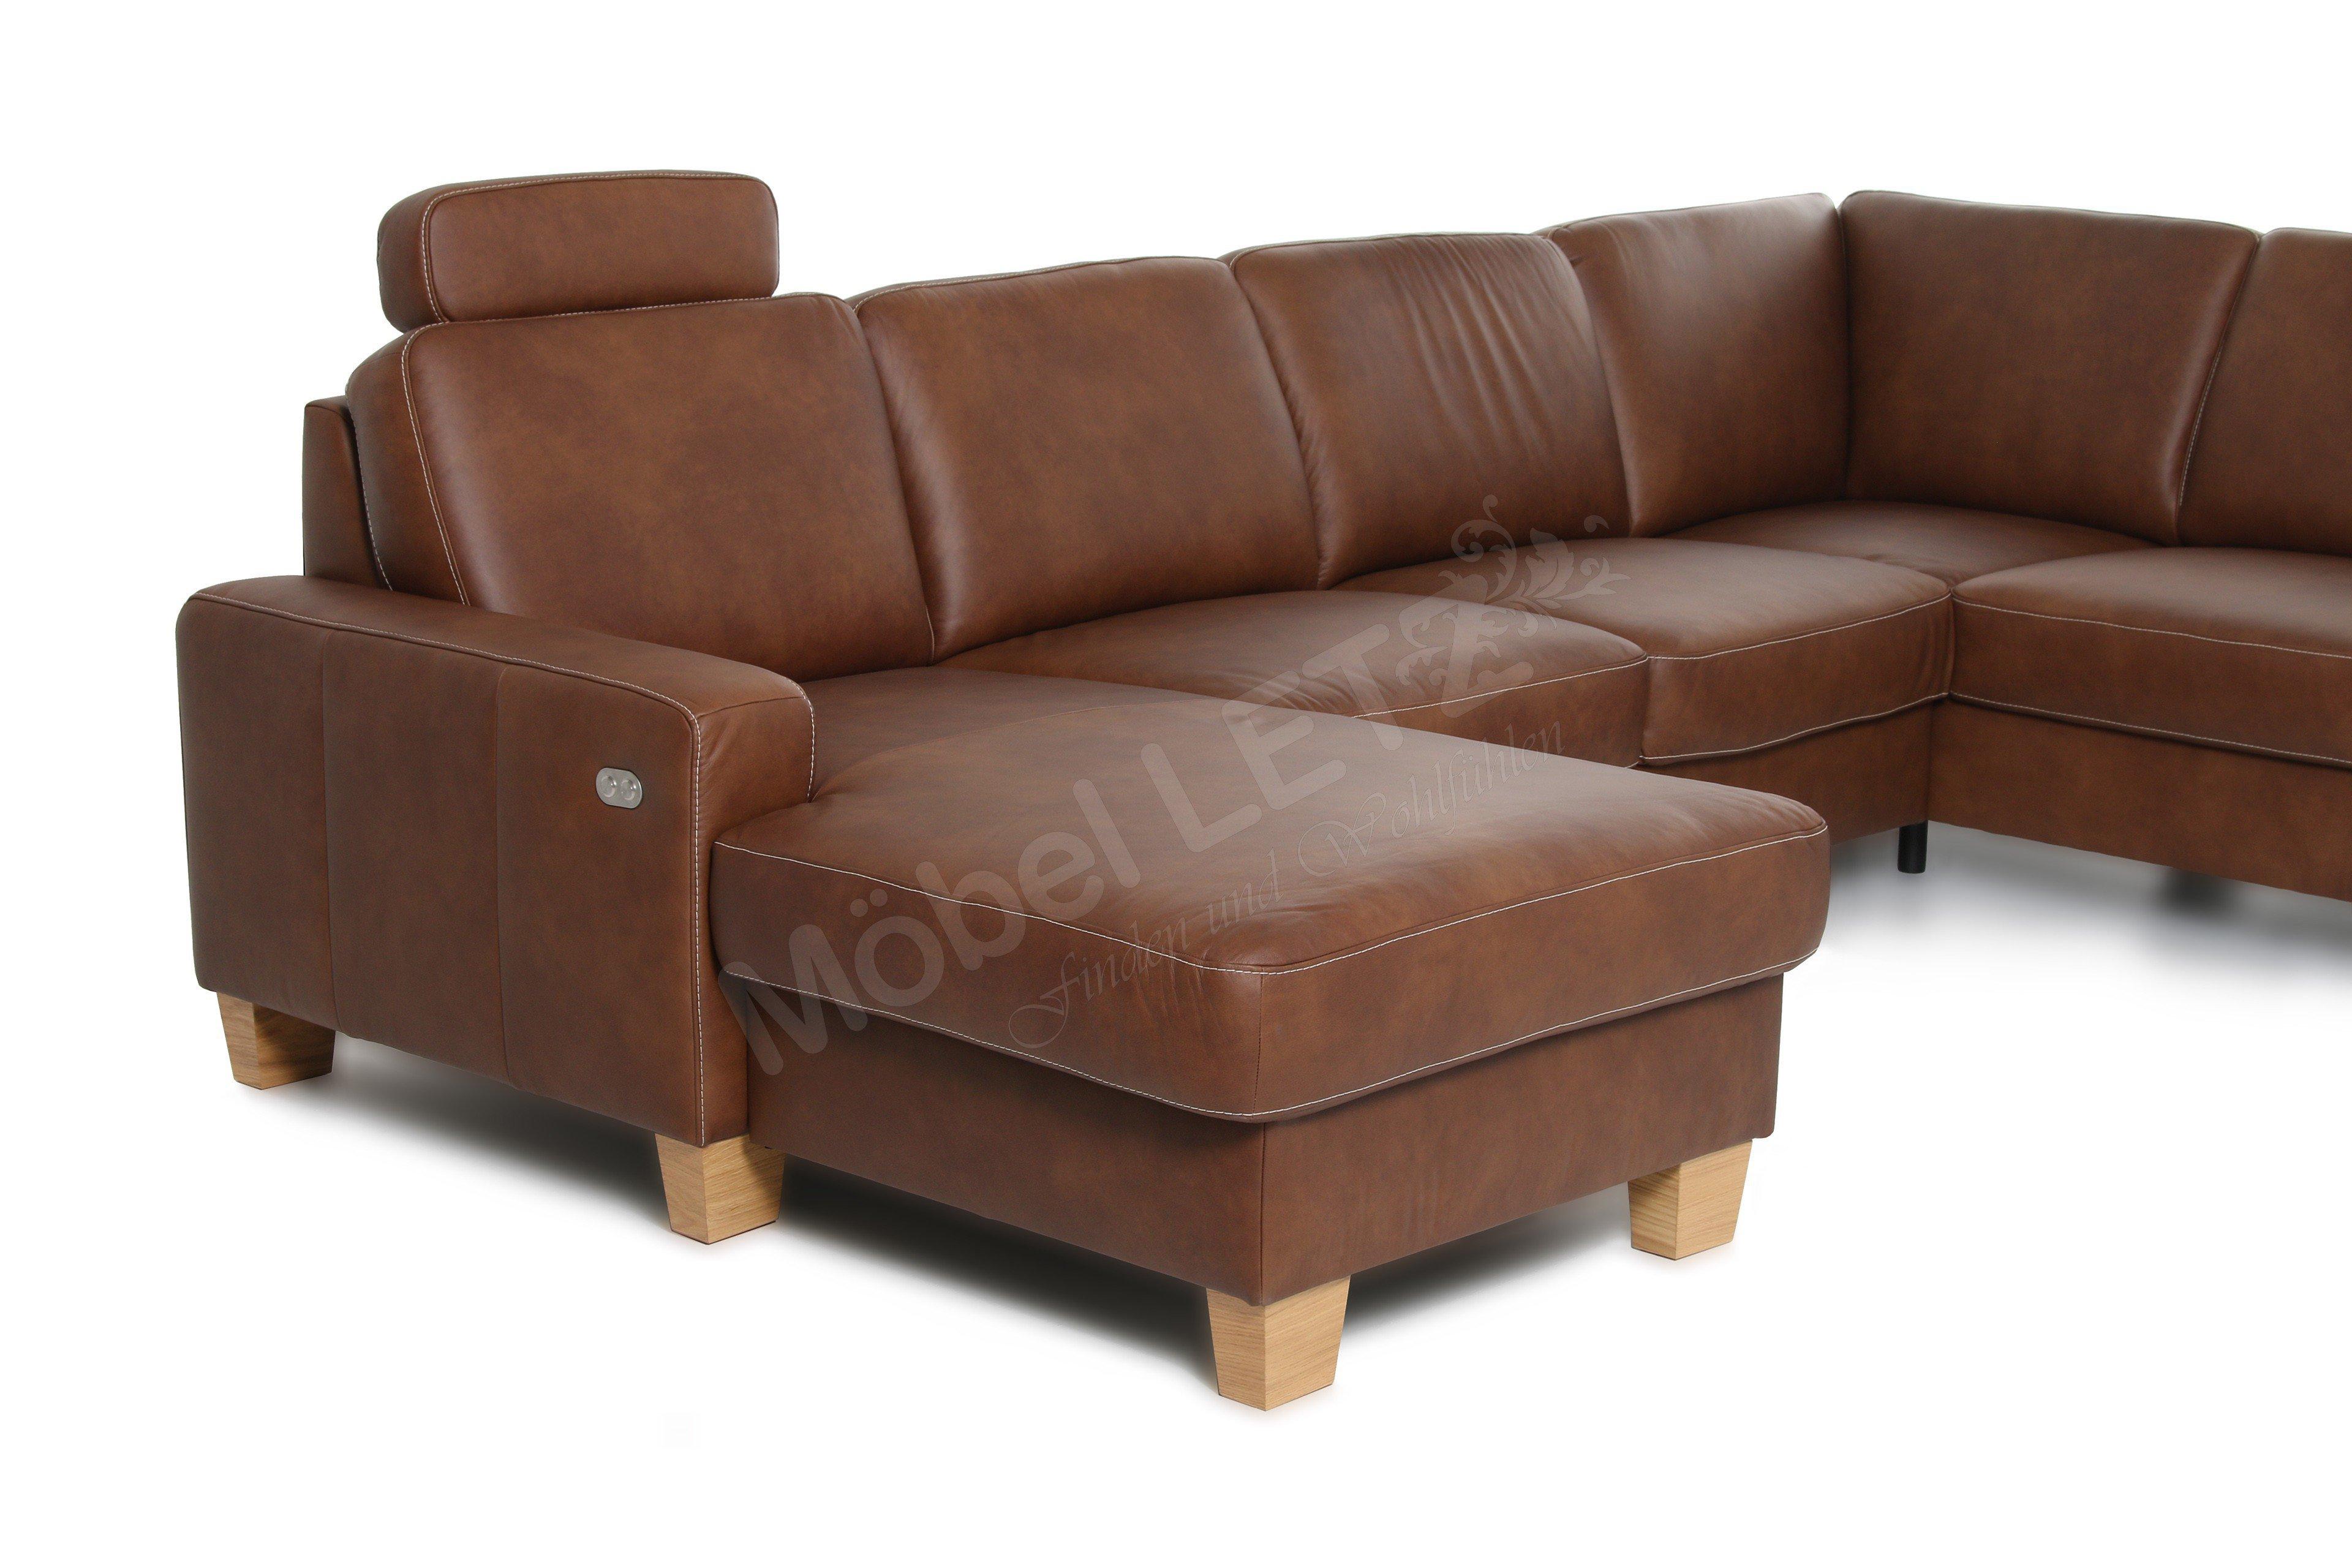 ausgezeichnet kaps polsterm bel bilder die kinderzimmer. Black Bedroom Furniture Sets. Home Design Ideas